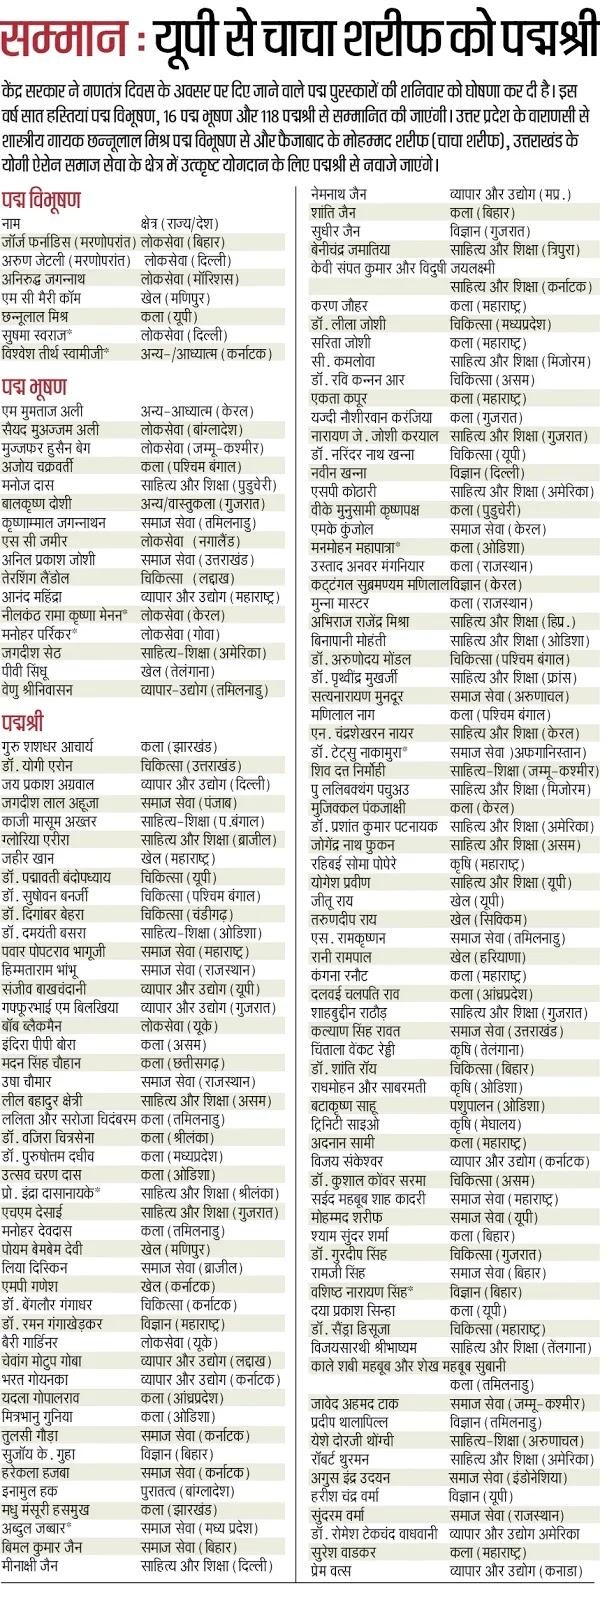 गणतंत्र दिवस के अवसर पर सम्मान दिए जाने वाले पद्म पुरस्कारों की सूची, देखें